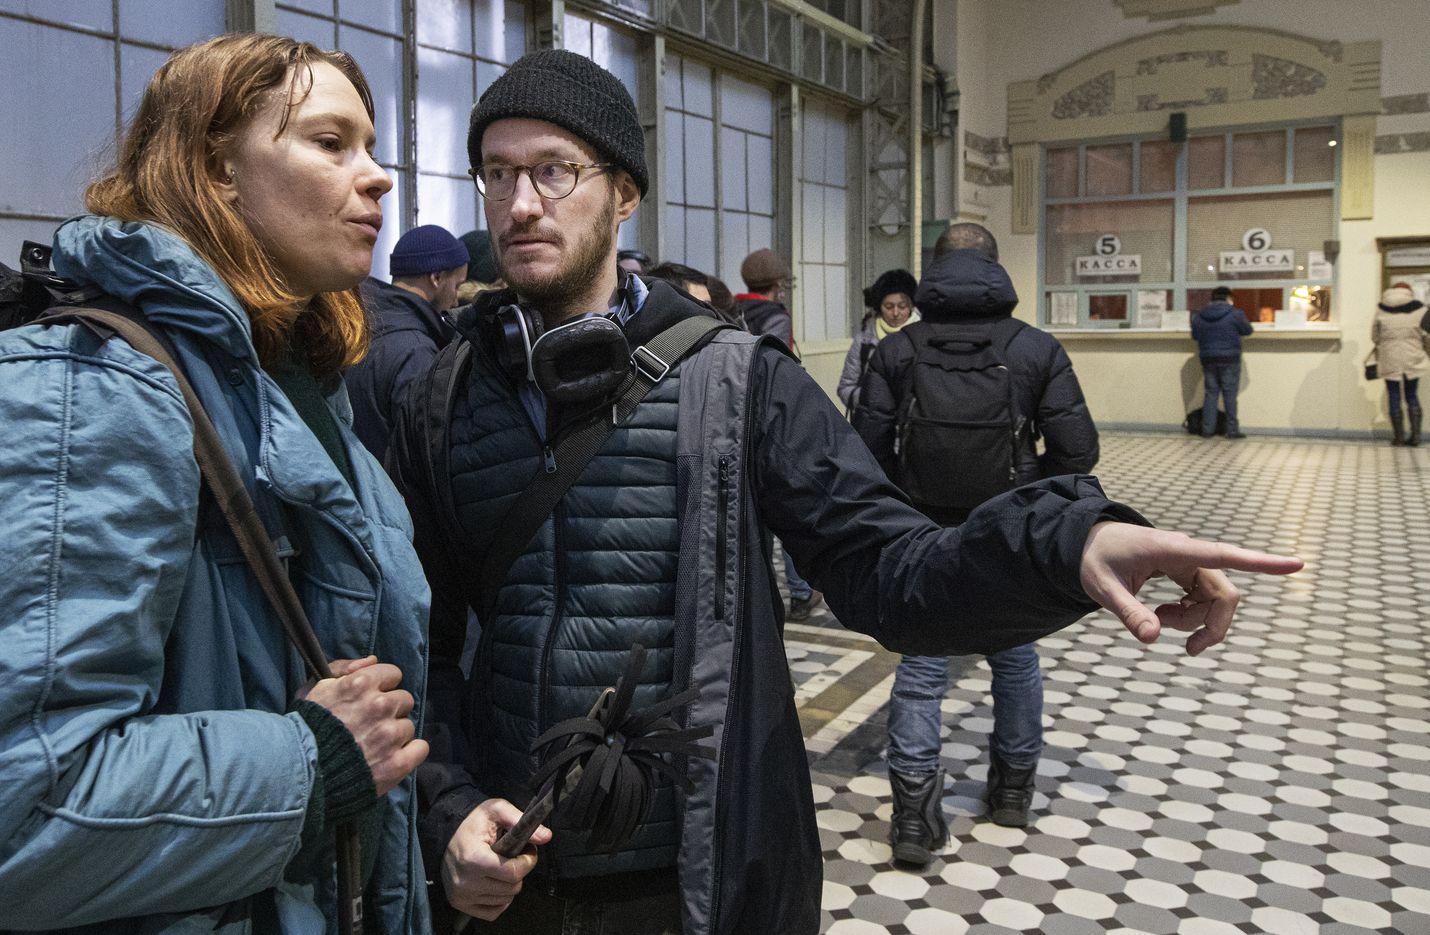 Näyttelijä Seidi Haarla ja ohjaaja Juho Kuosmanen työskentelevät lähiviikkoina liikkuvassa junassa Venäjällä ja pienissä kylissä radan varrella. Tekeillä on draamaelokuva Rosa Liksomin Finlandia-palkitun romaanin pohjalta.